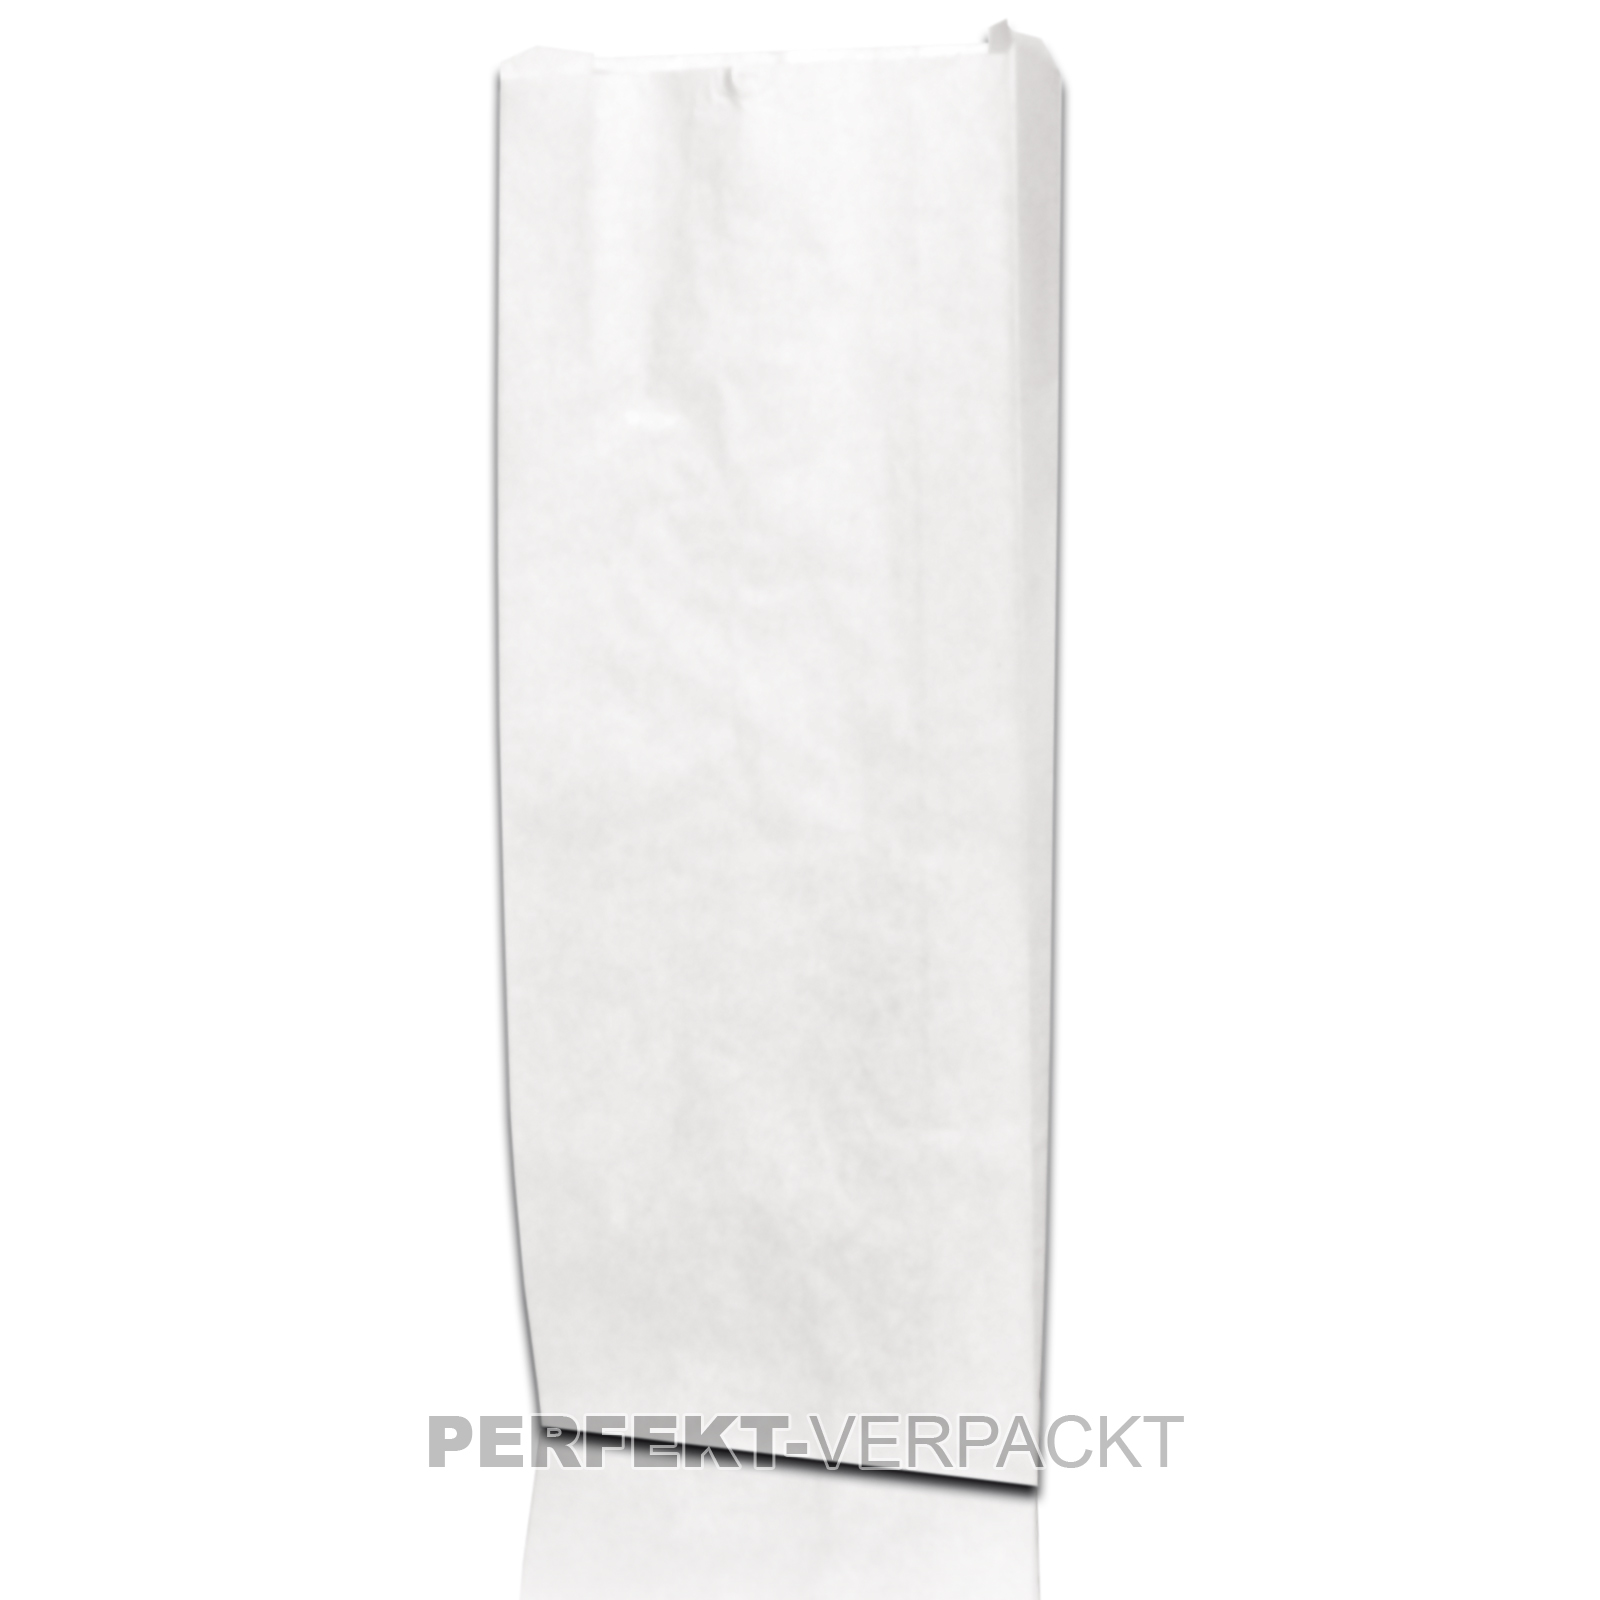 1.000 Faltenbeutel 12x5x23cm #418  weiß unbedruckt Cellulose